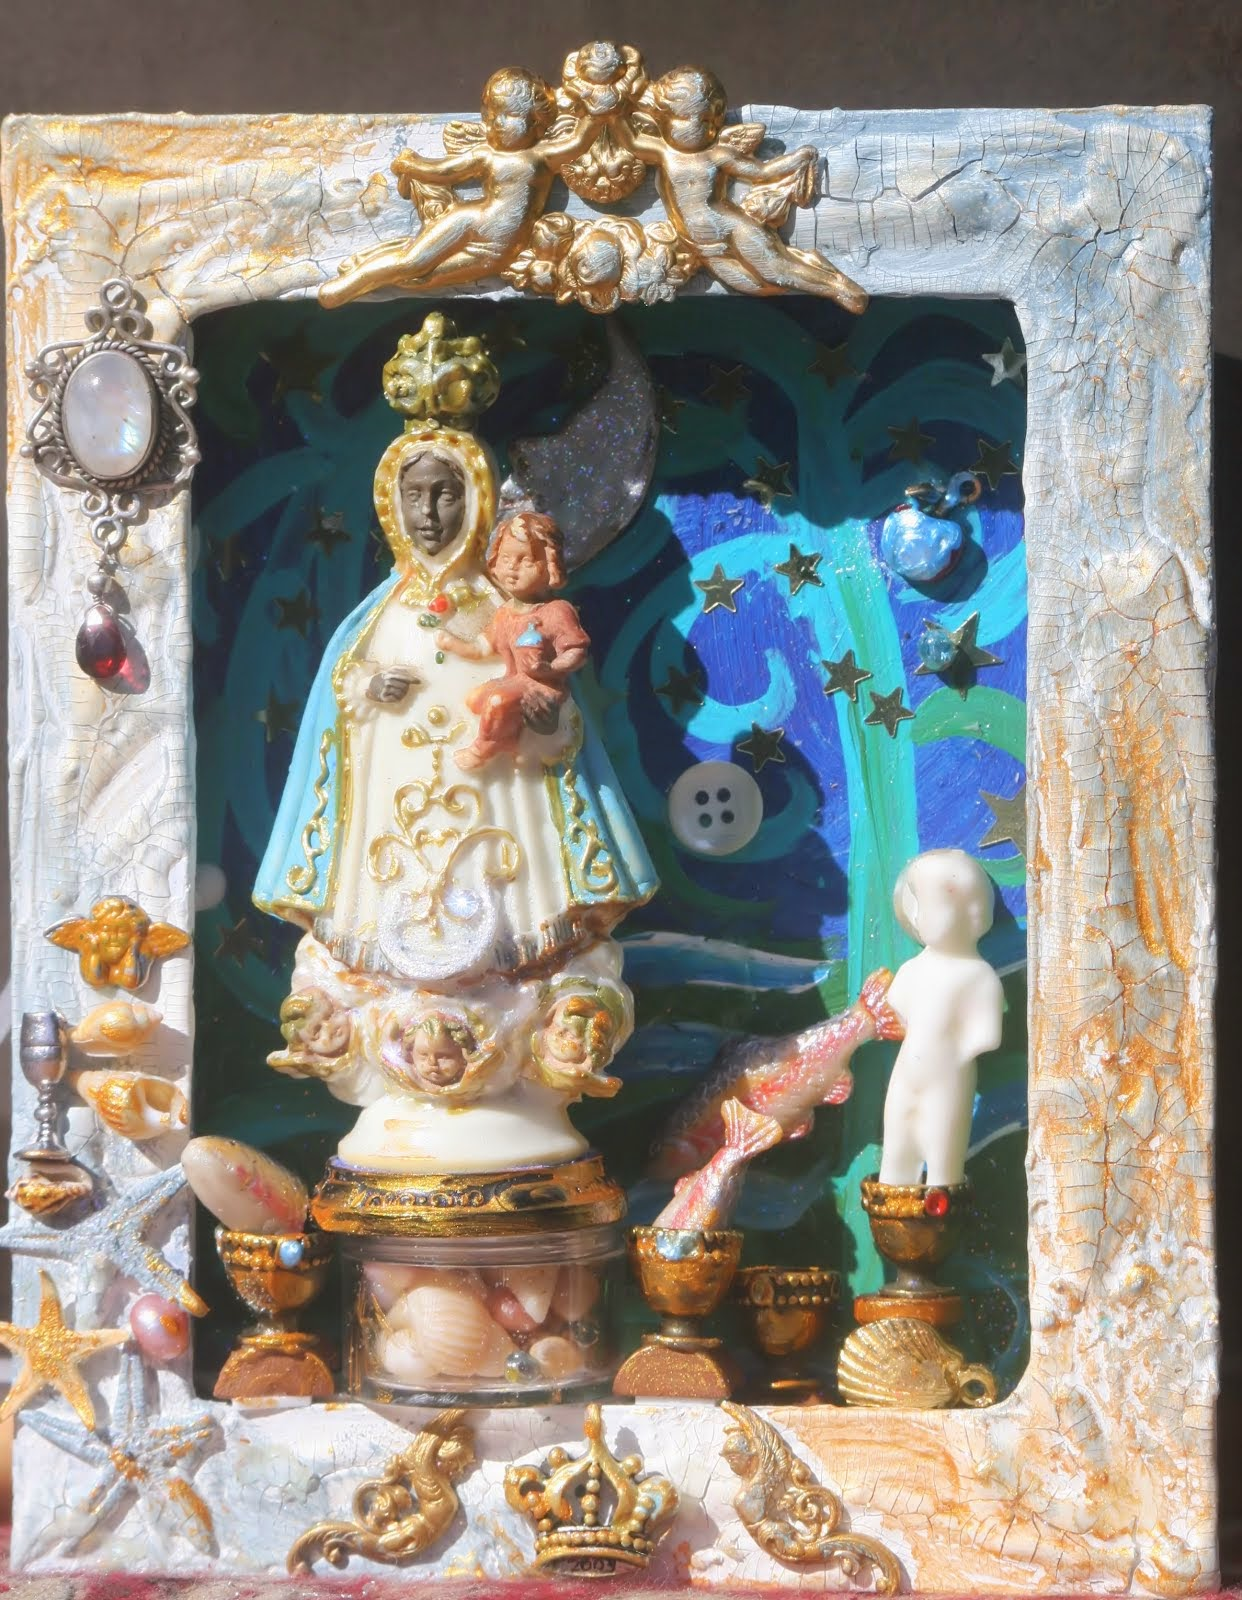 Mary the Healer